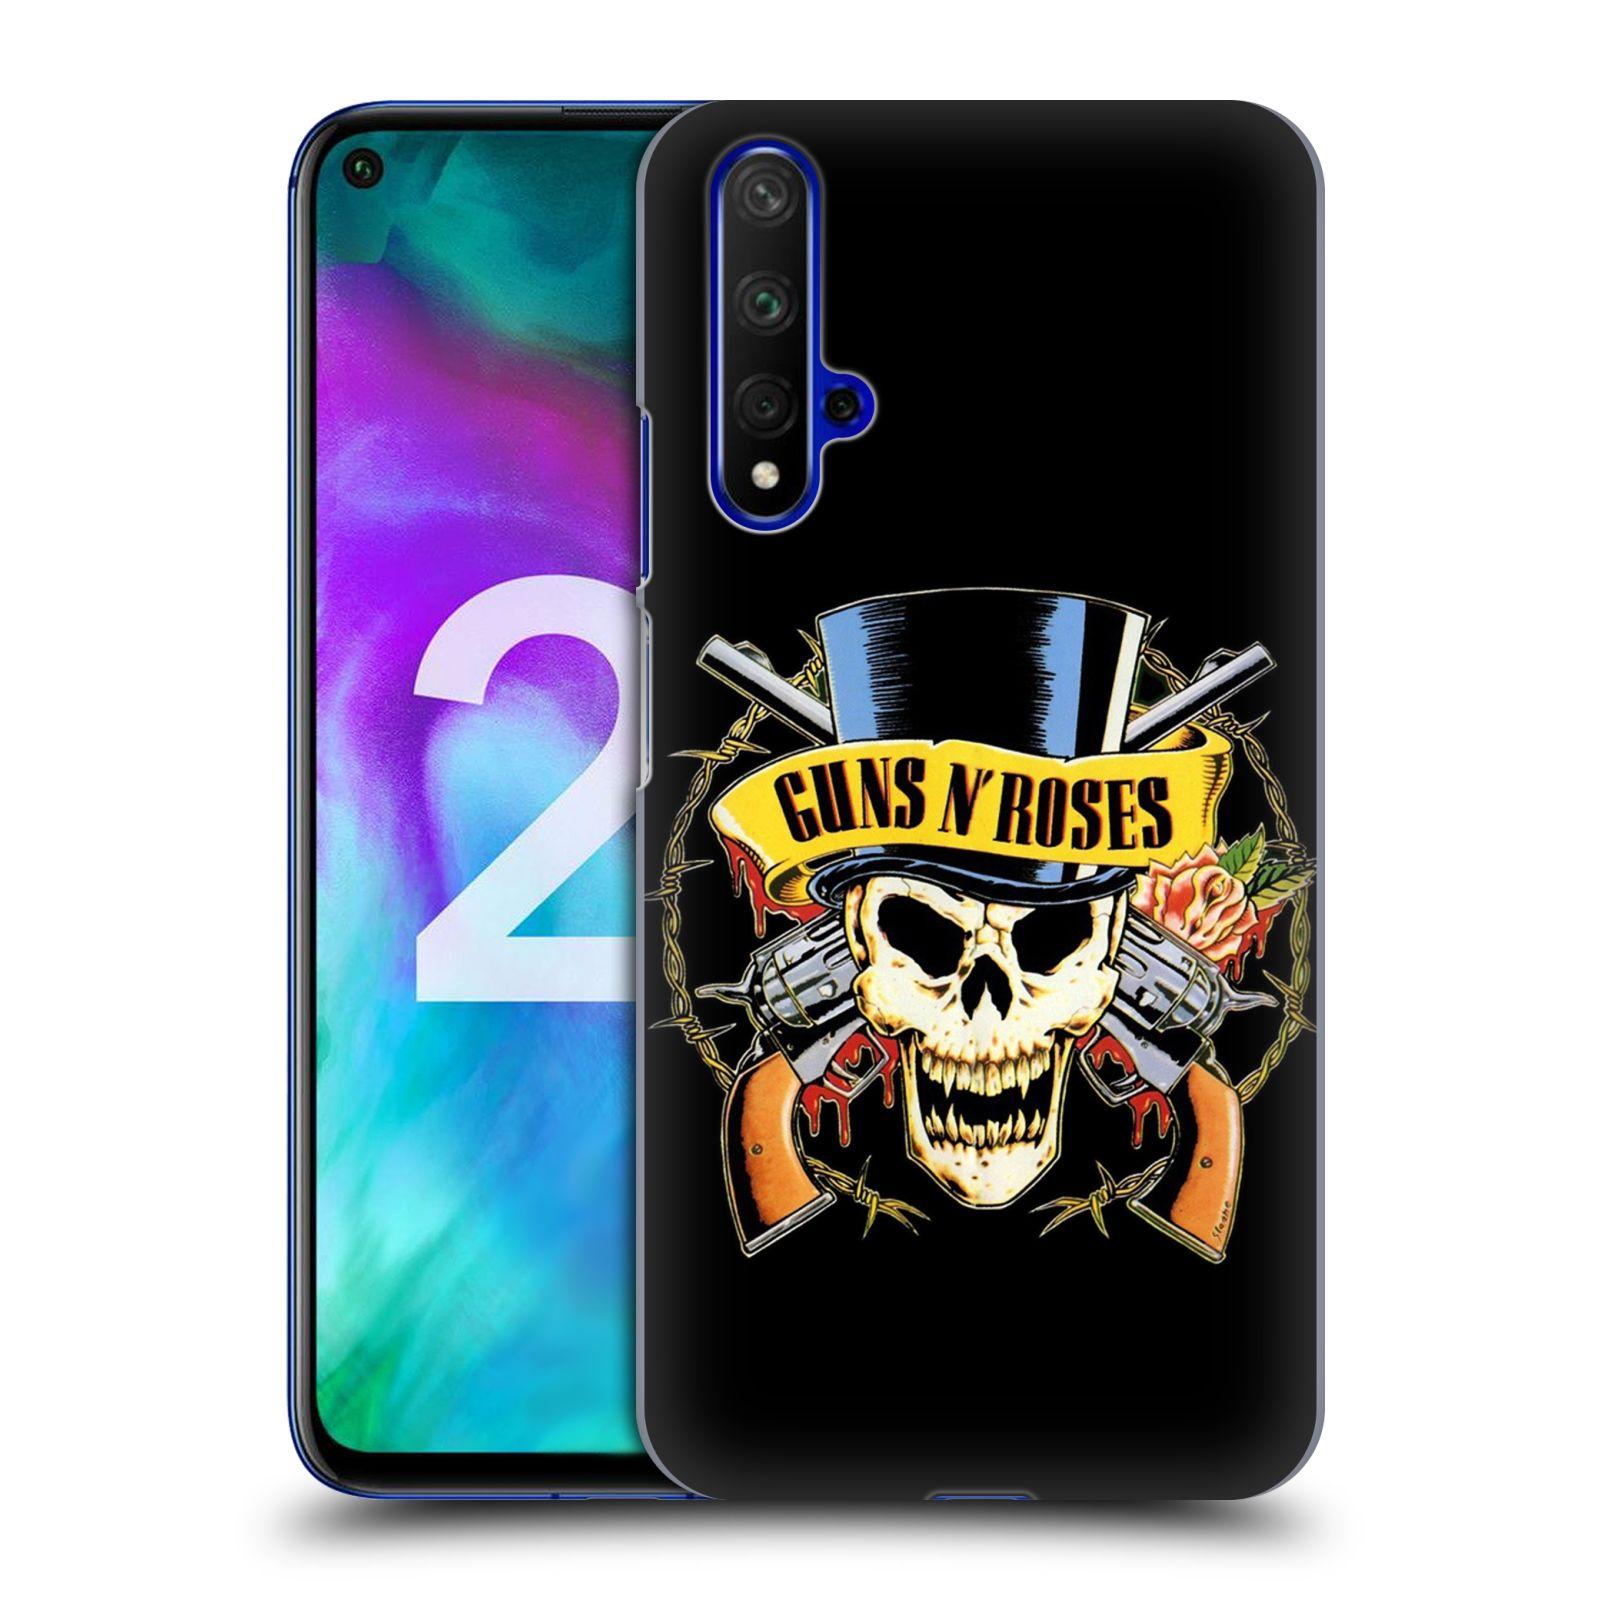 Plastové pouzdro na mobil Honor 20 - Head Case - Guns N' Roses - Lebka